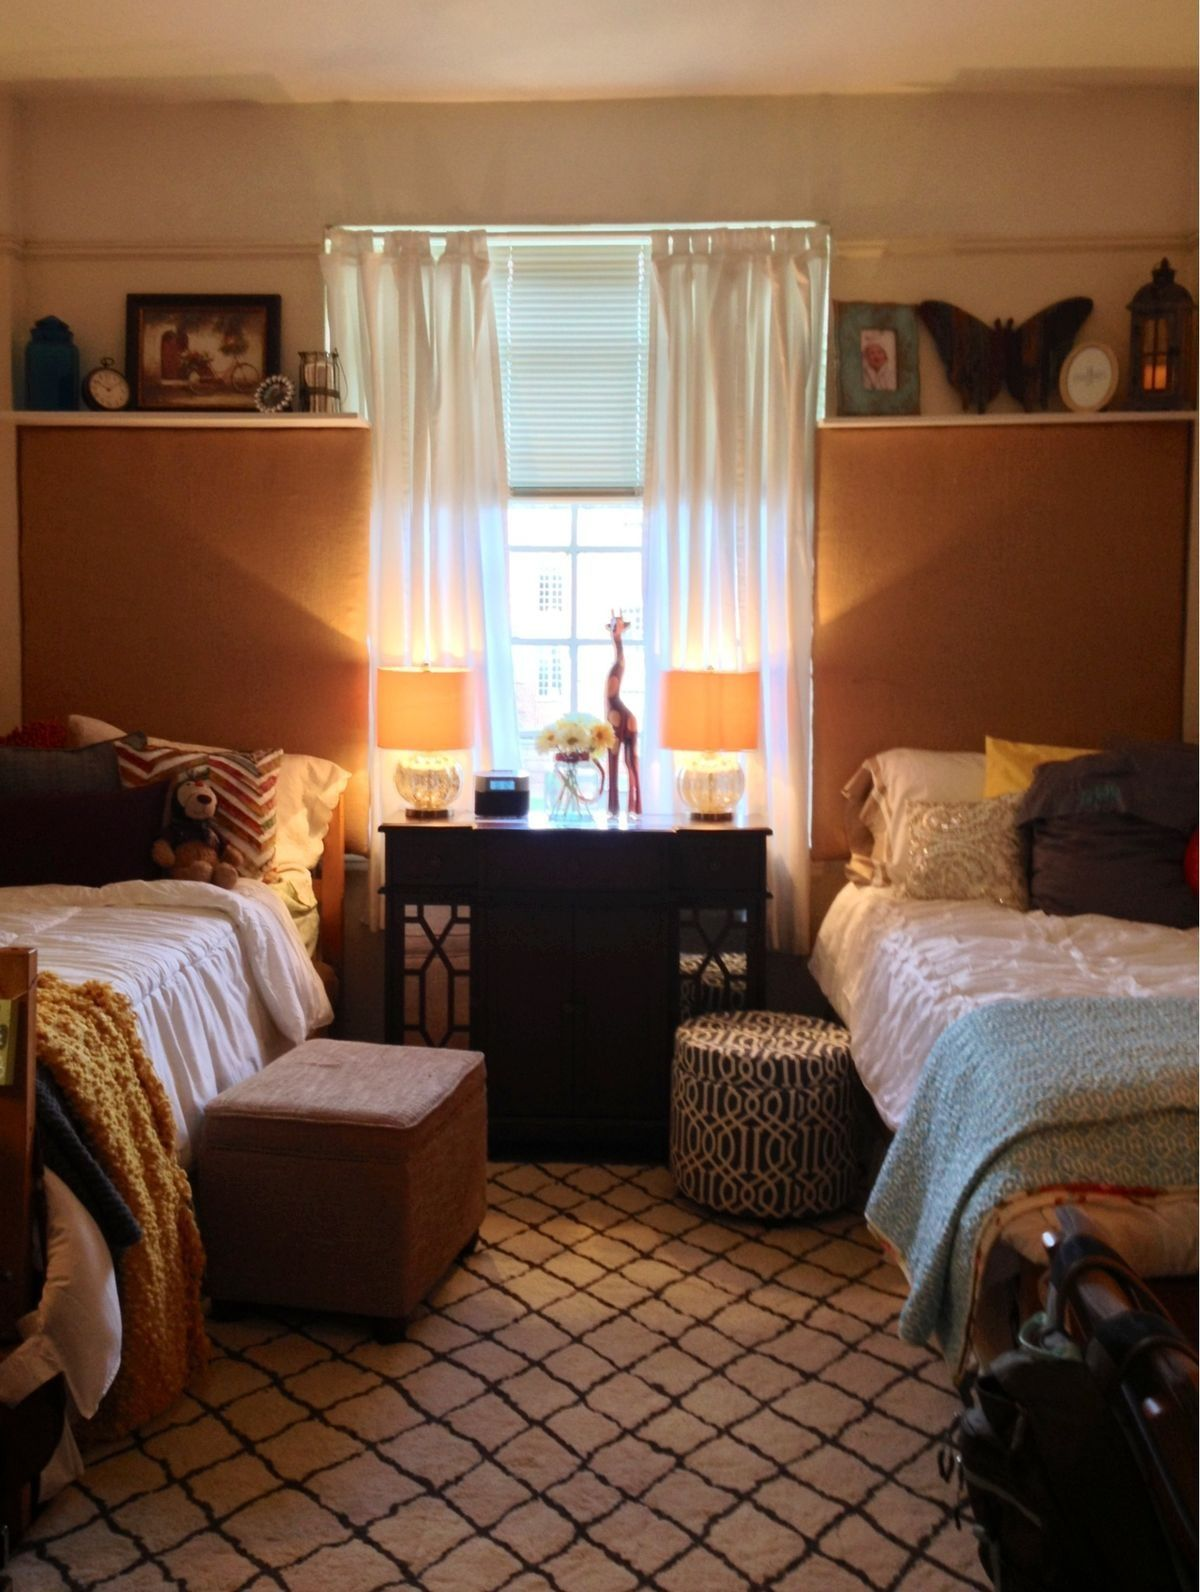 neutral dorm room color scheme for the home pinterest. Black Bedroom Furniture Sets. Home Design Ideas